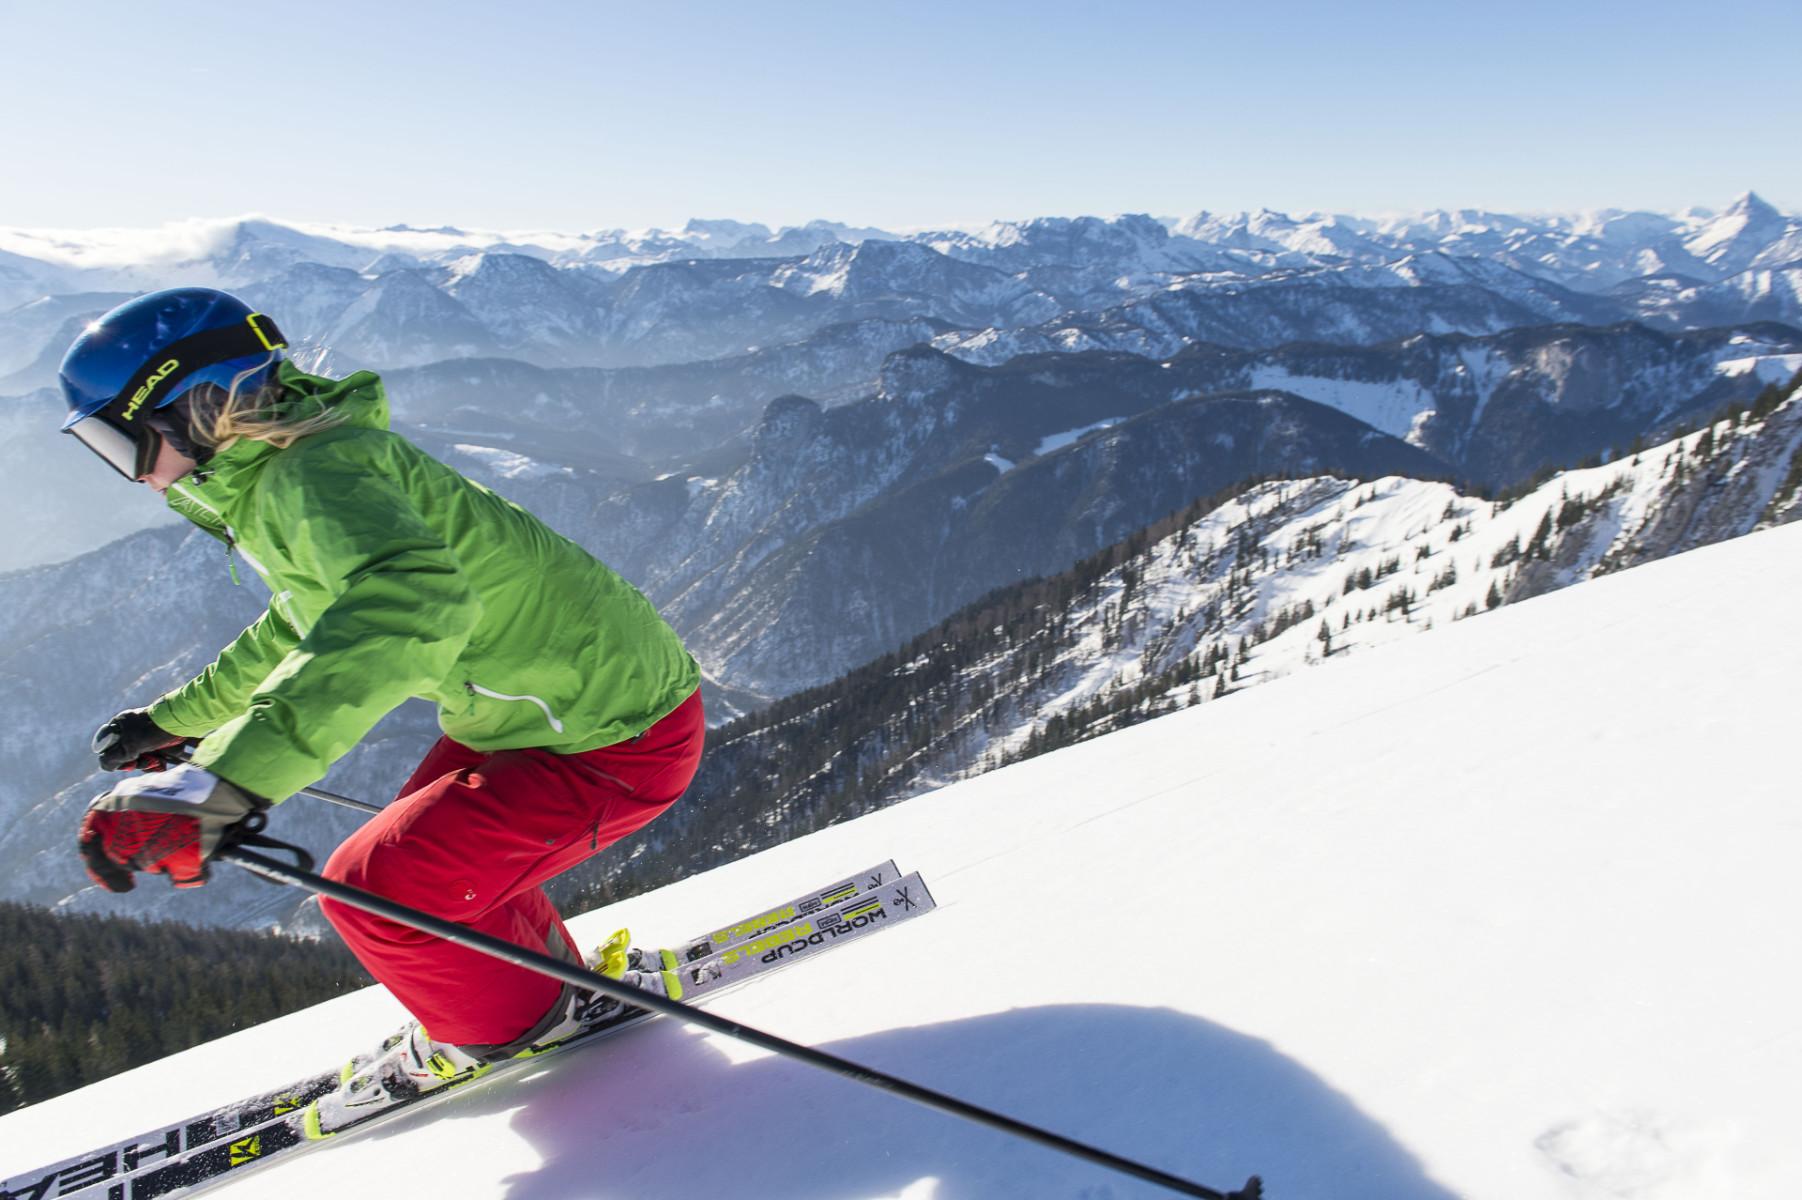 769b61d44 Toto najvyššie položené lyžiarske stredisko Dolného Rakúska je známe svojou  legendárnou zárukou dobrých snehových podmienok. Vo vzdialenosti len 240 km  od ...